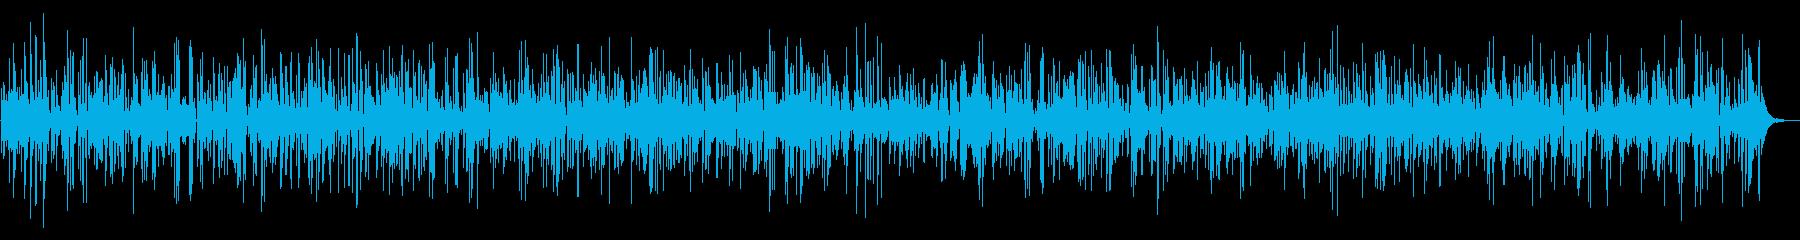 ジャズ|しっとりお洒落なジャズバーBGMの再生済みの波形